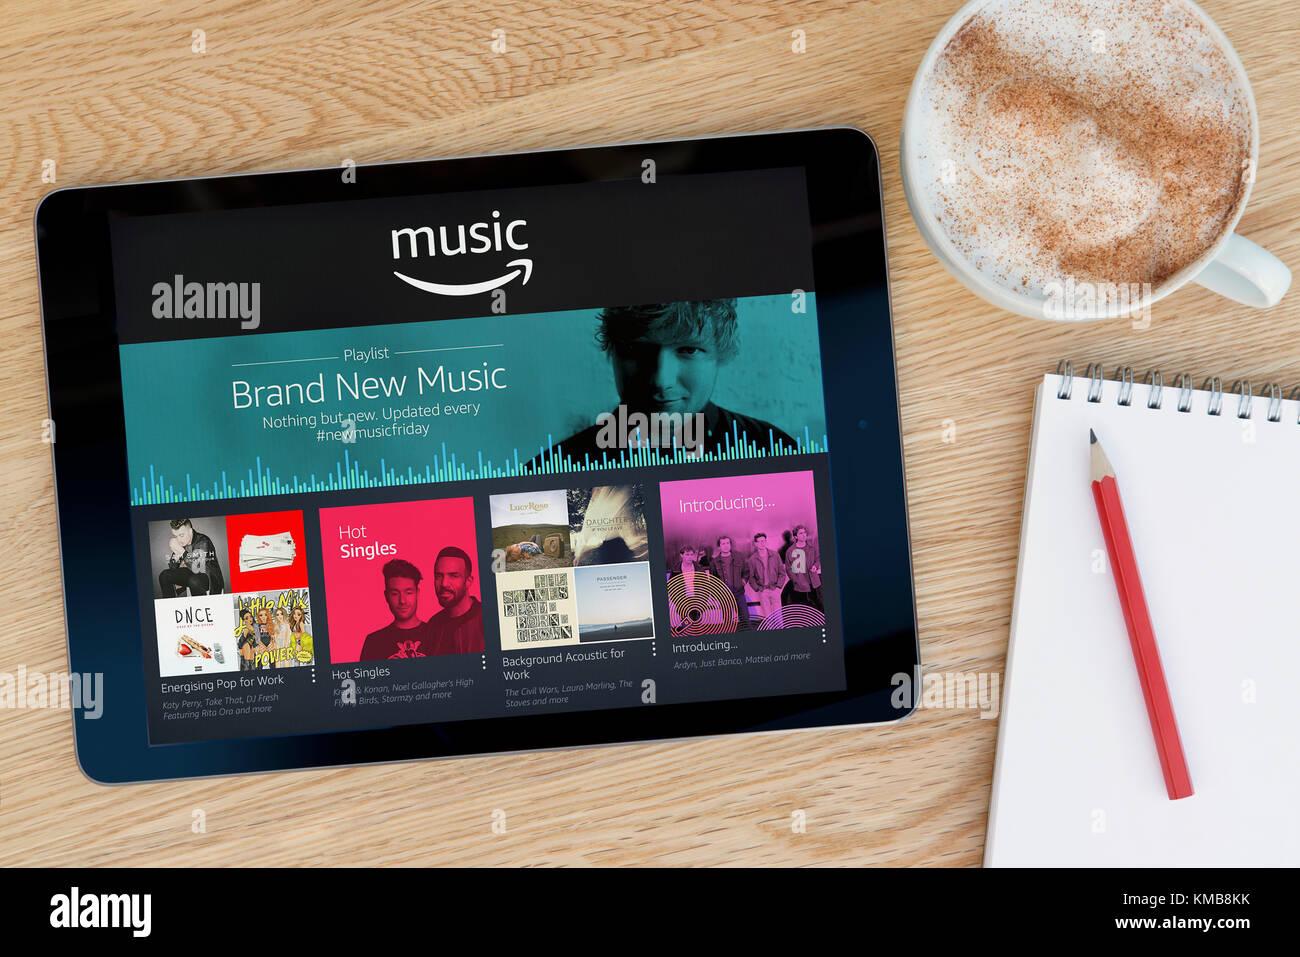 Die Amazon Musik App auf dem iPad Tablet Gerät, das auf einem Tisch liegt neben einem Notizblock und Bleistift Stockbild